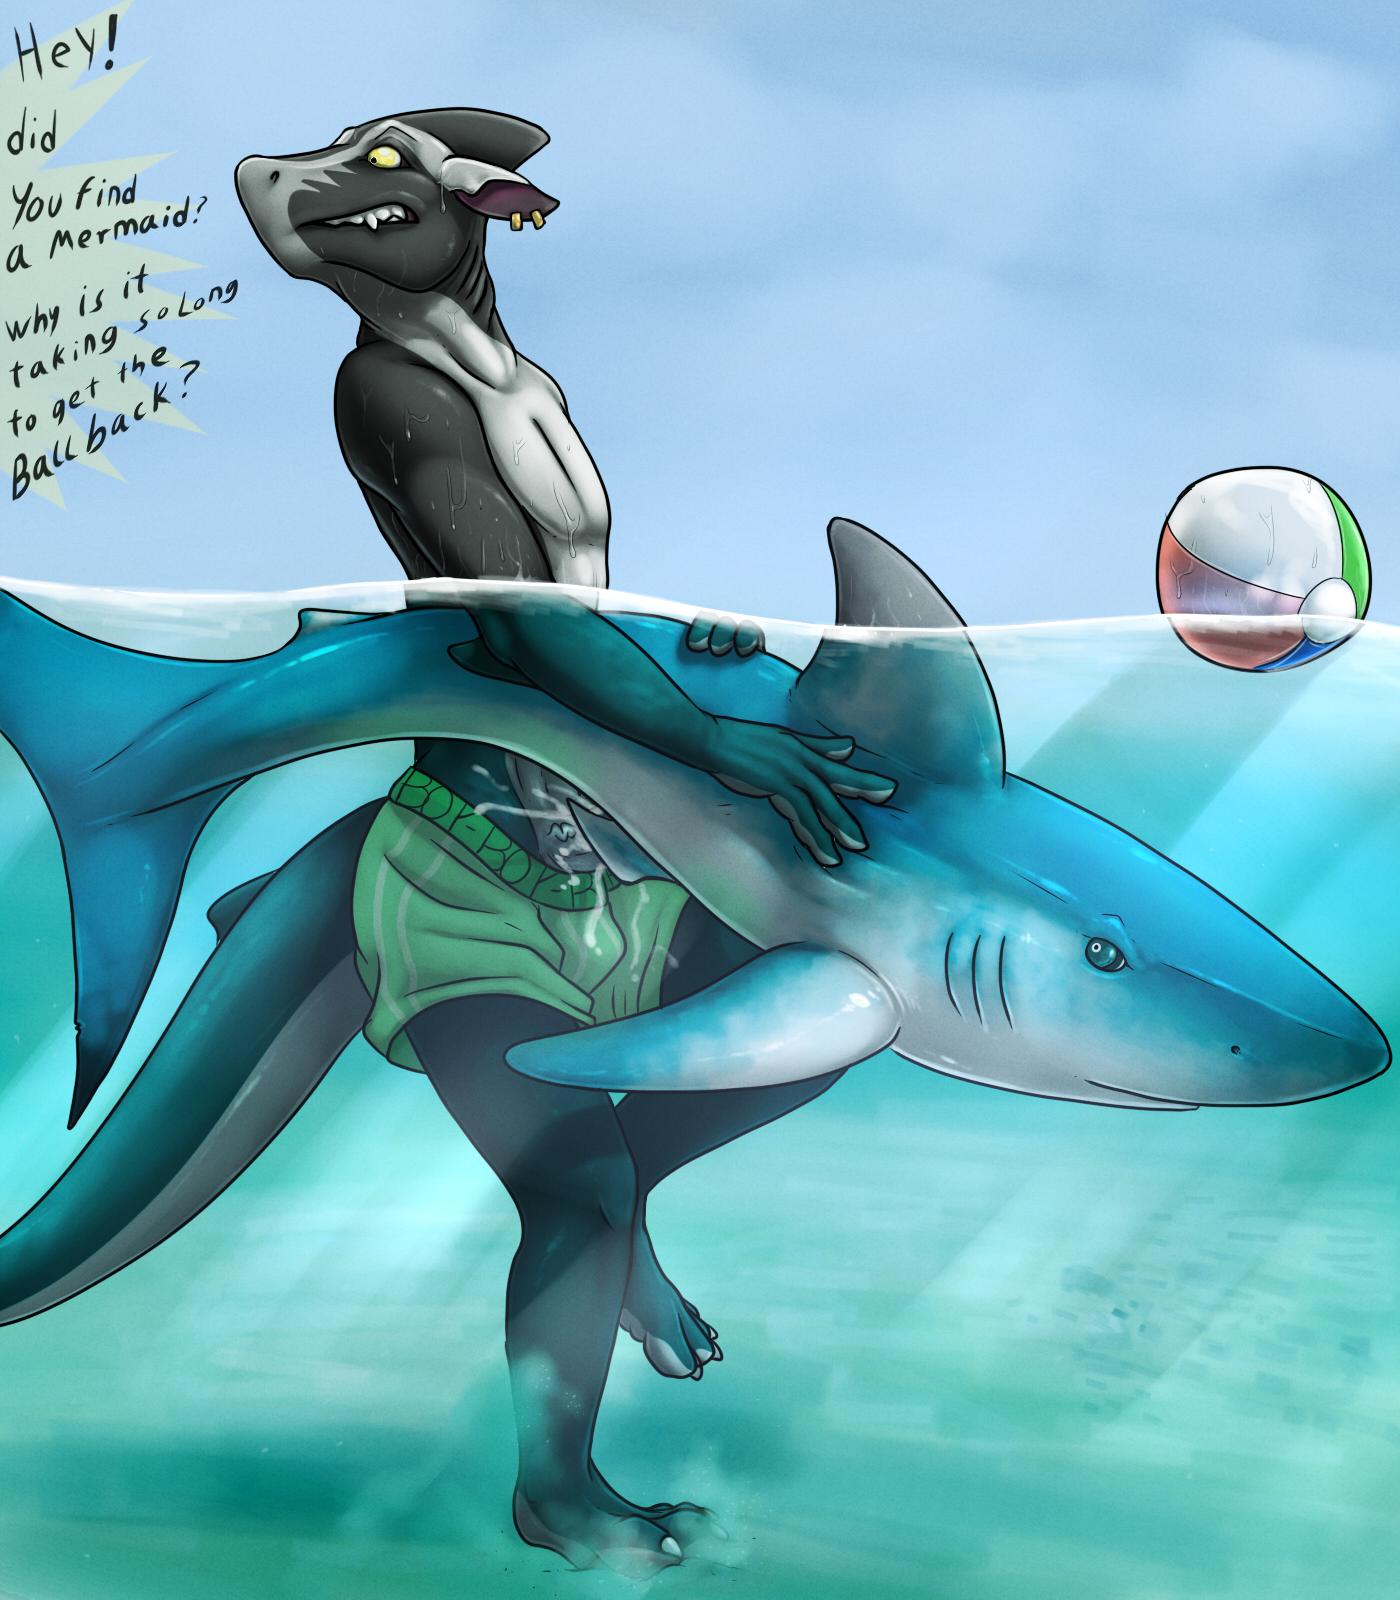 e621 shark